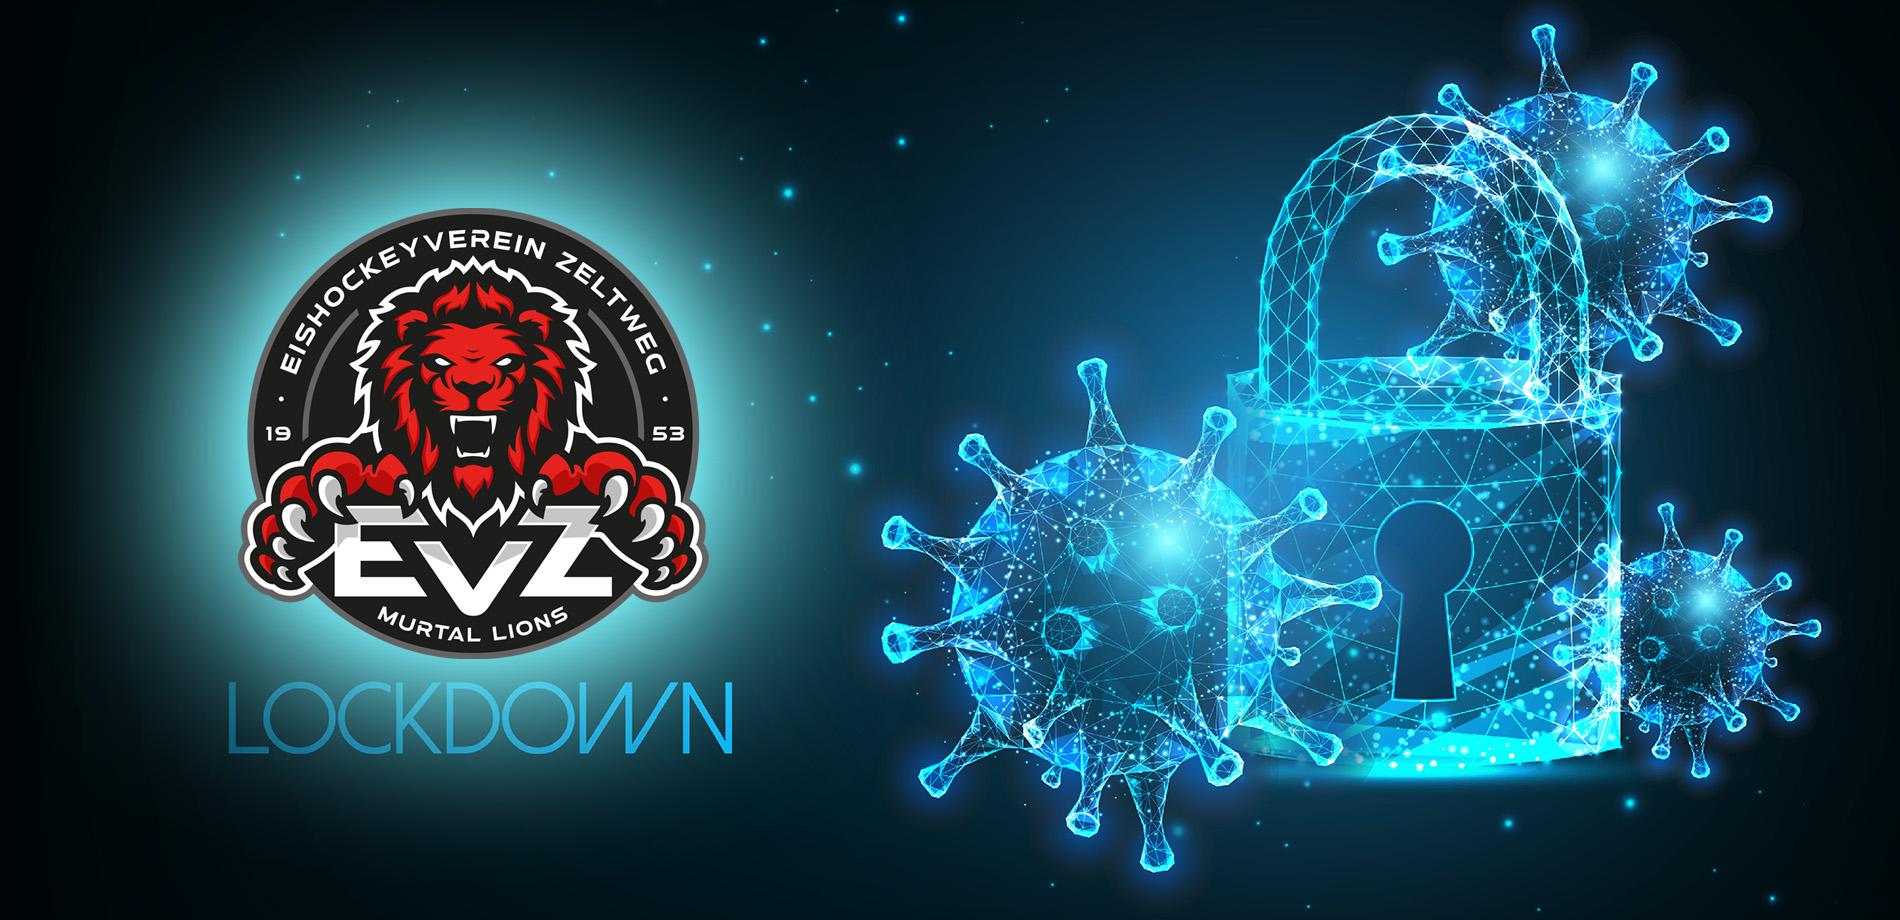 Spiele sind wegen Lockdown ausgesetzt